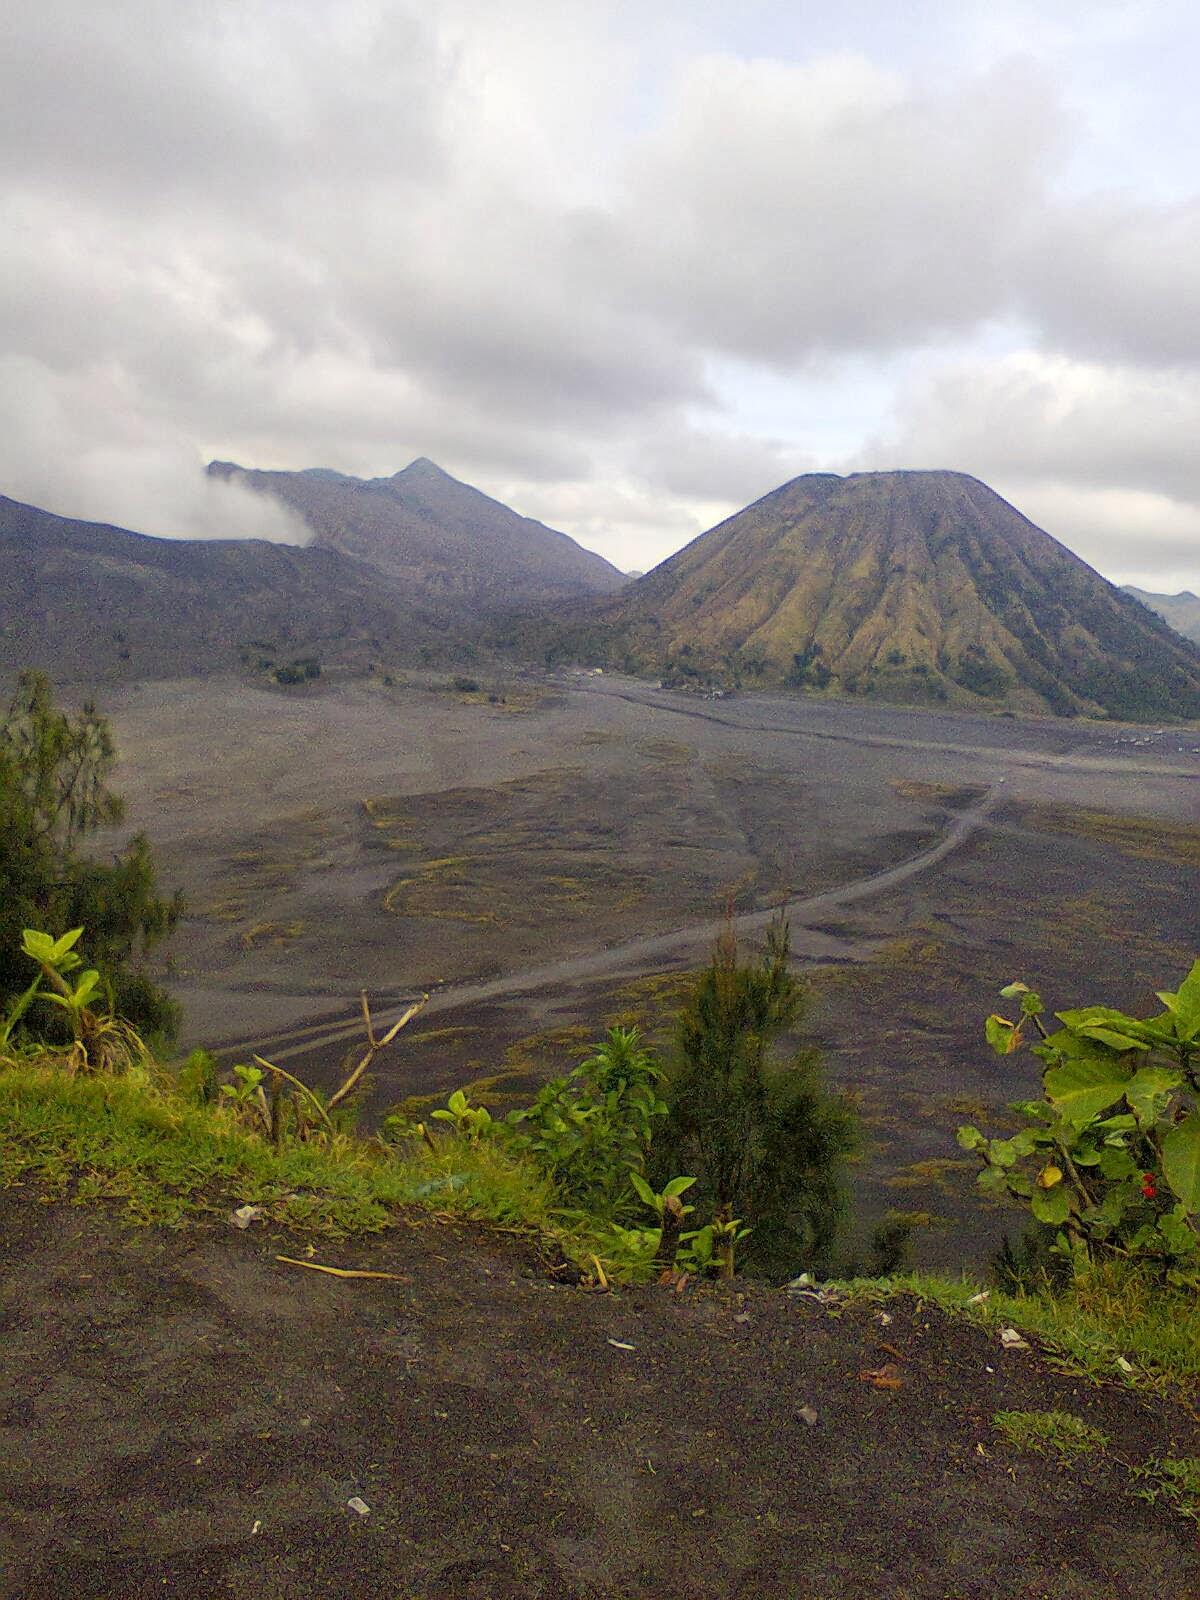 Mount Bromo Tengger Semeru - East java